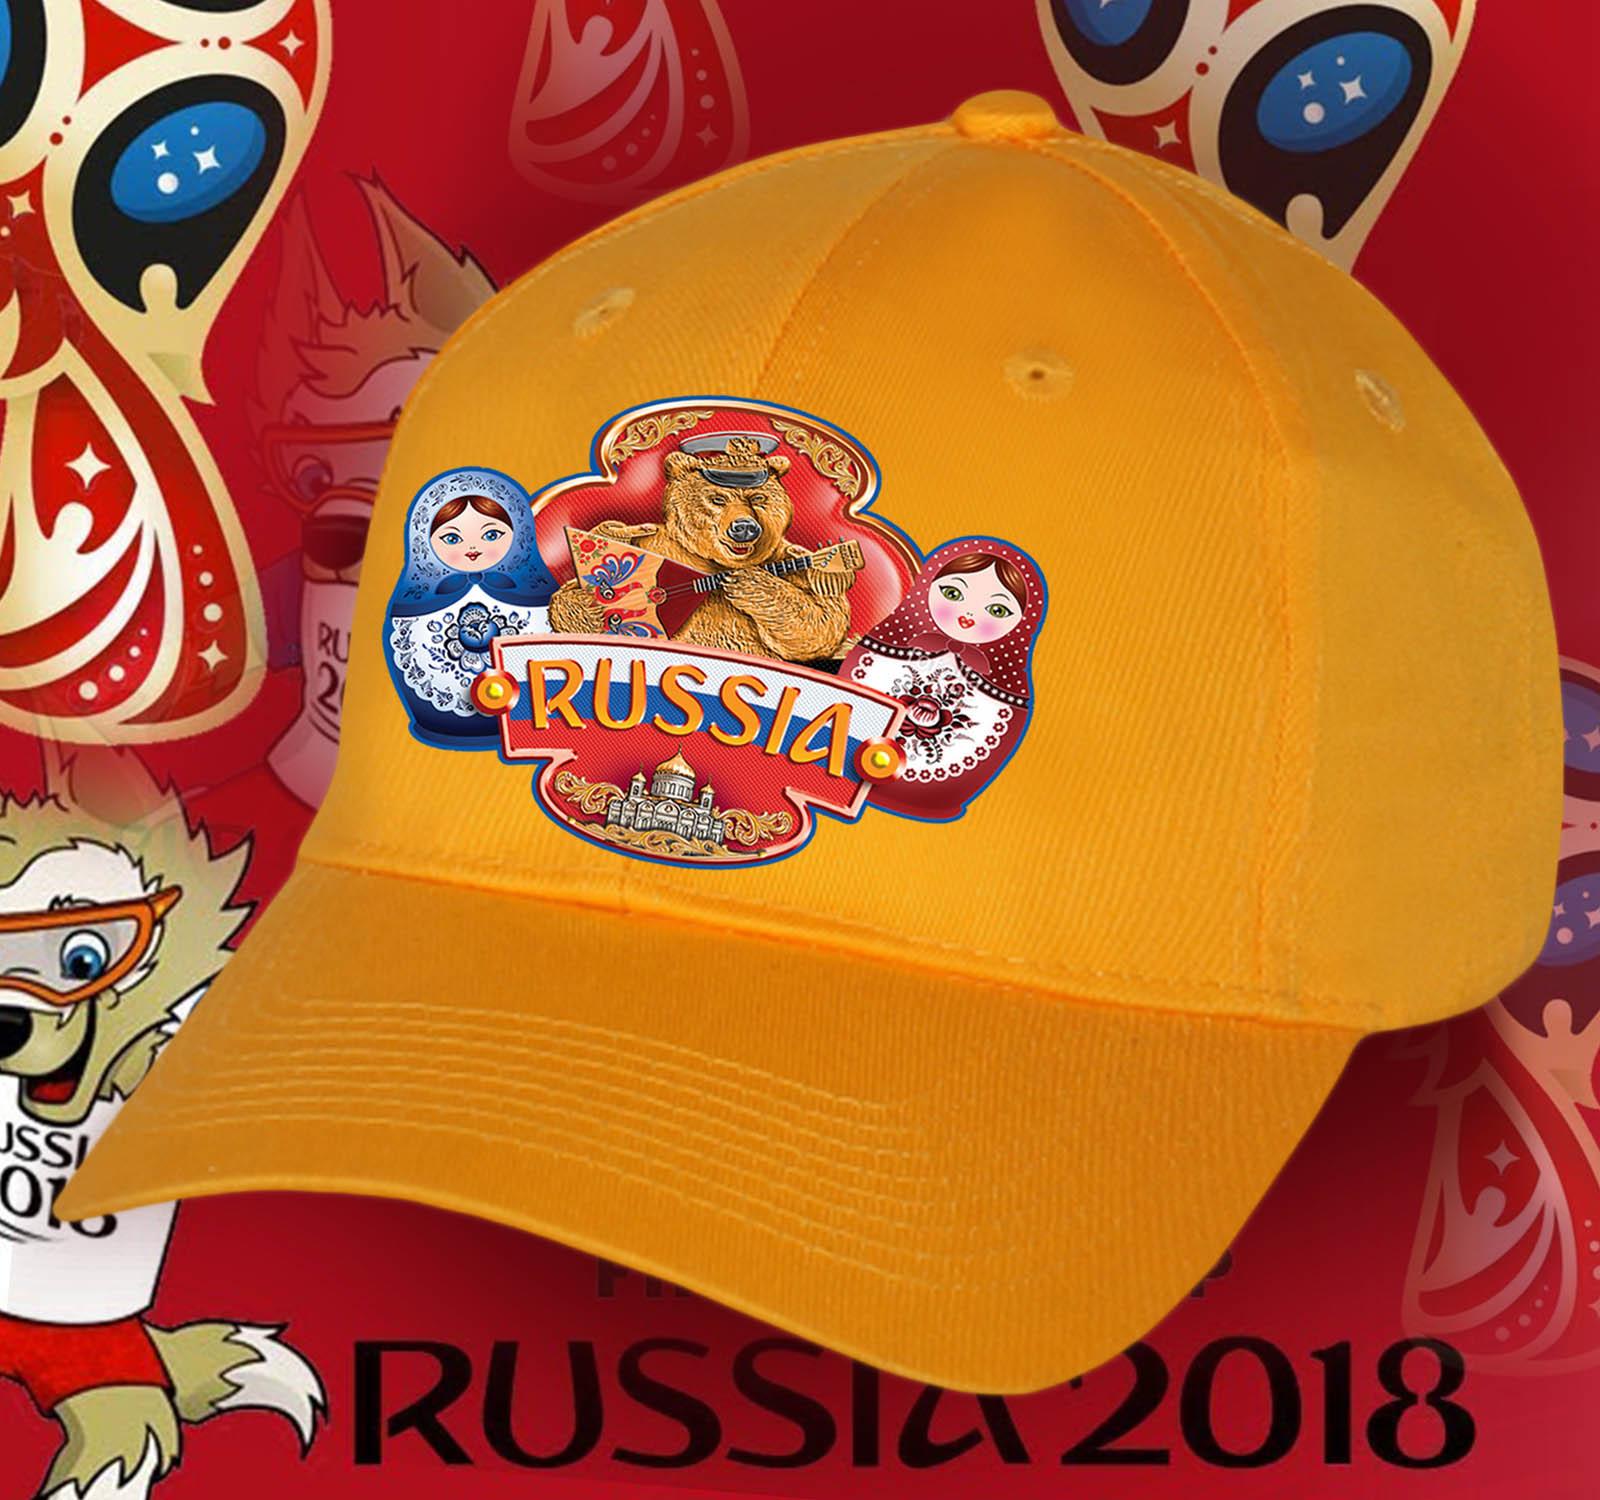 Национальная кепка RUSSIA для болельщиков, фанатов и патриотов